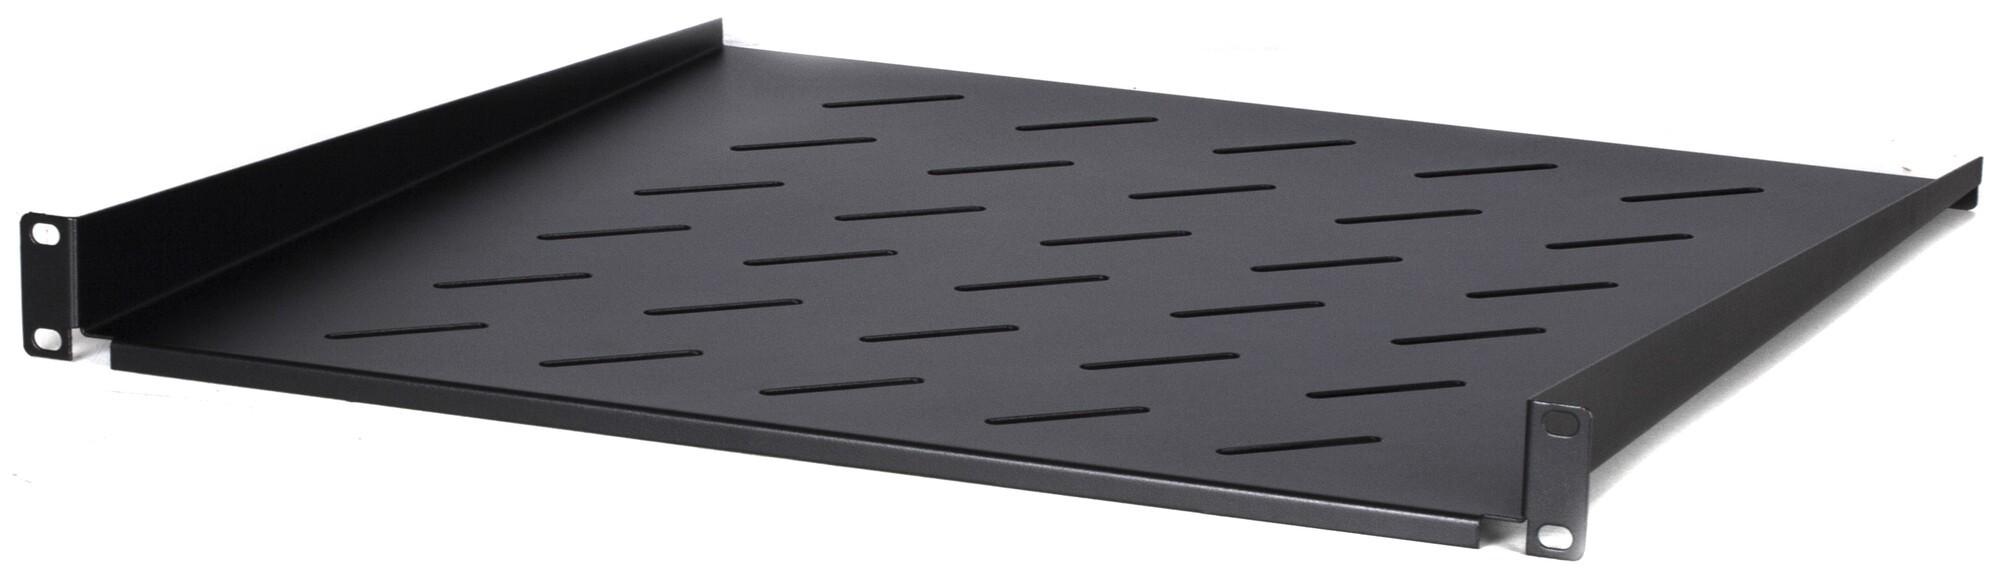 Afbeelding van 1U Legbord voor 600mm diepe wandkasten - 450mm diep (max. 6 kg)